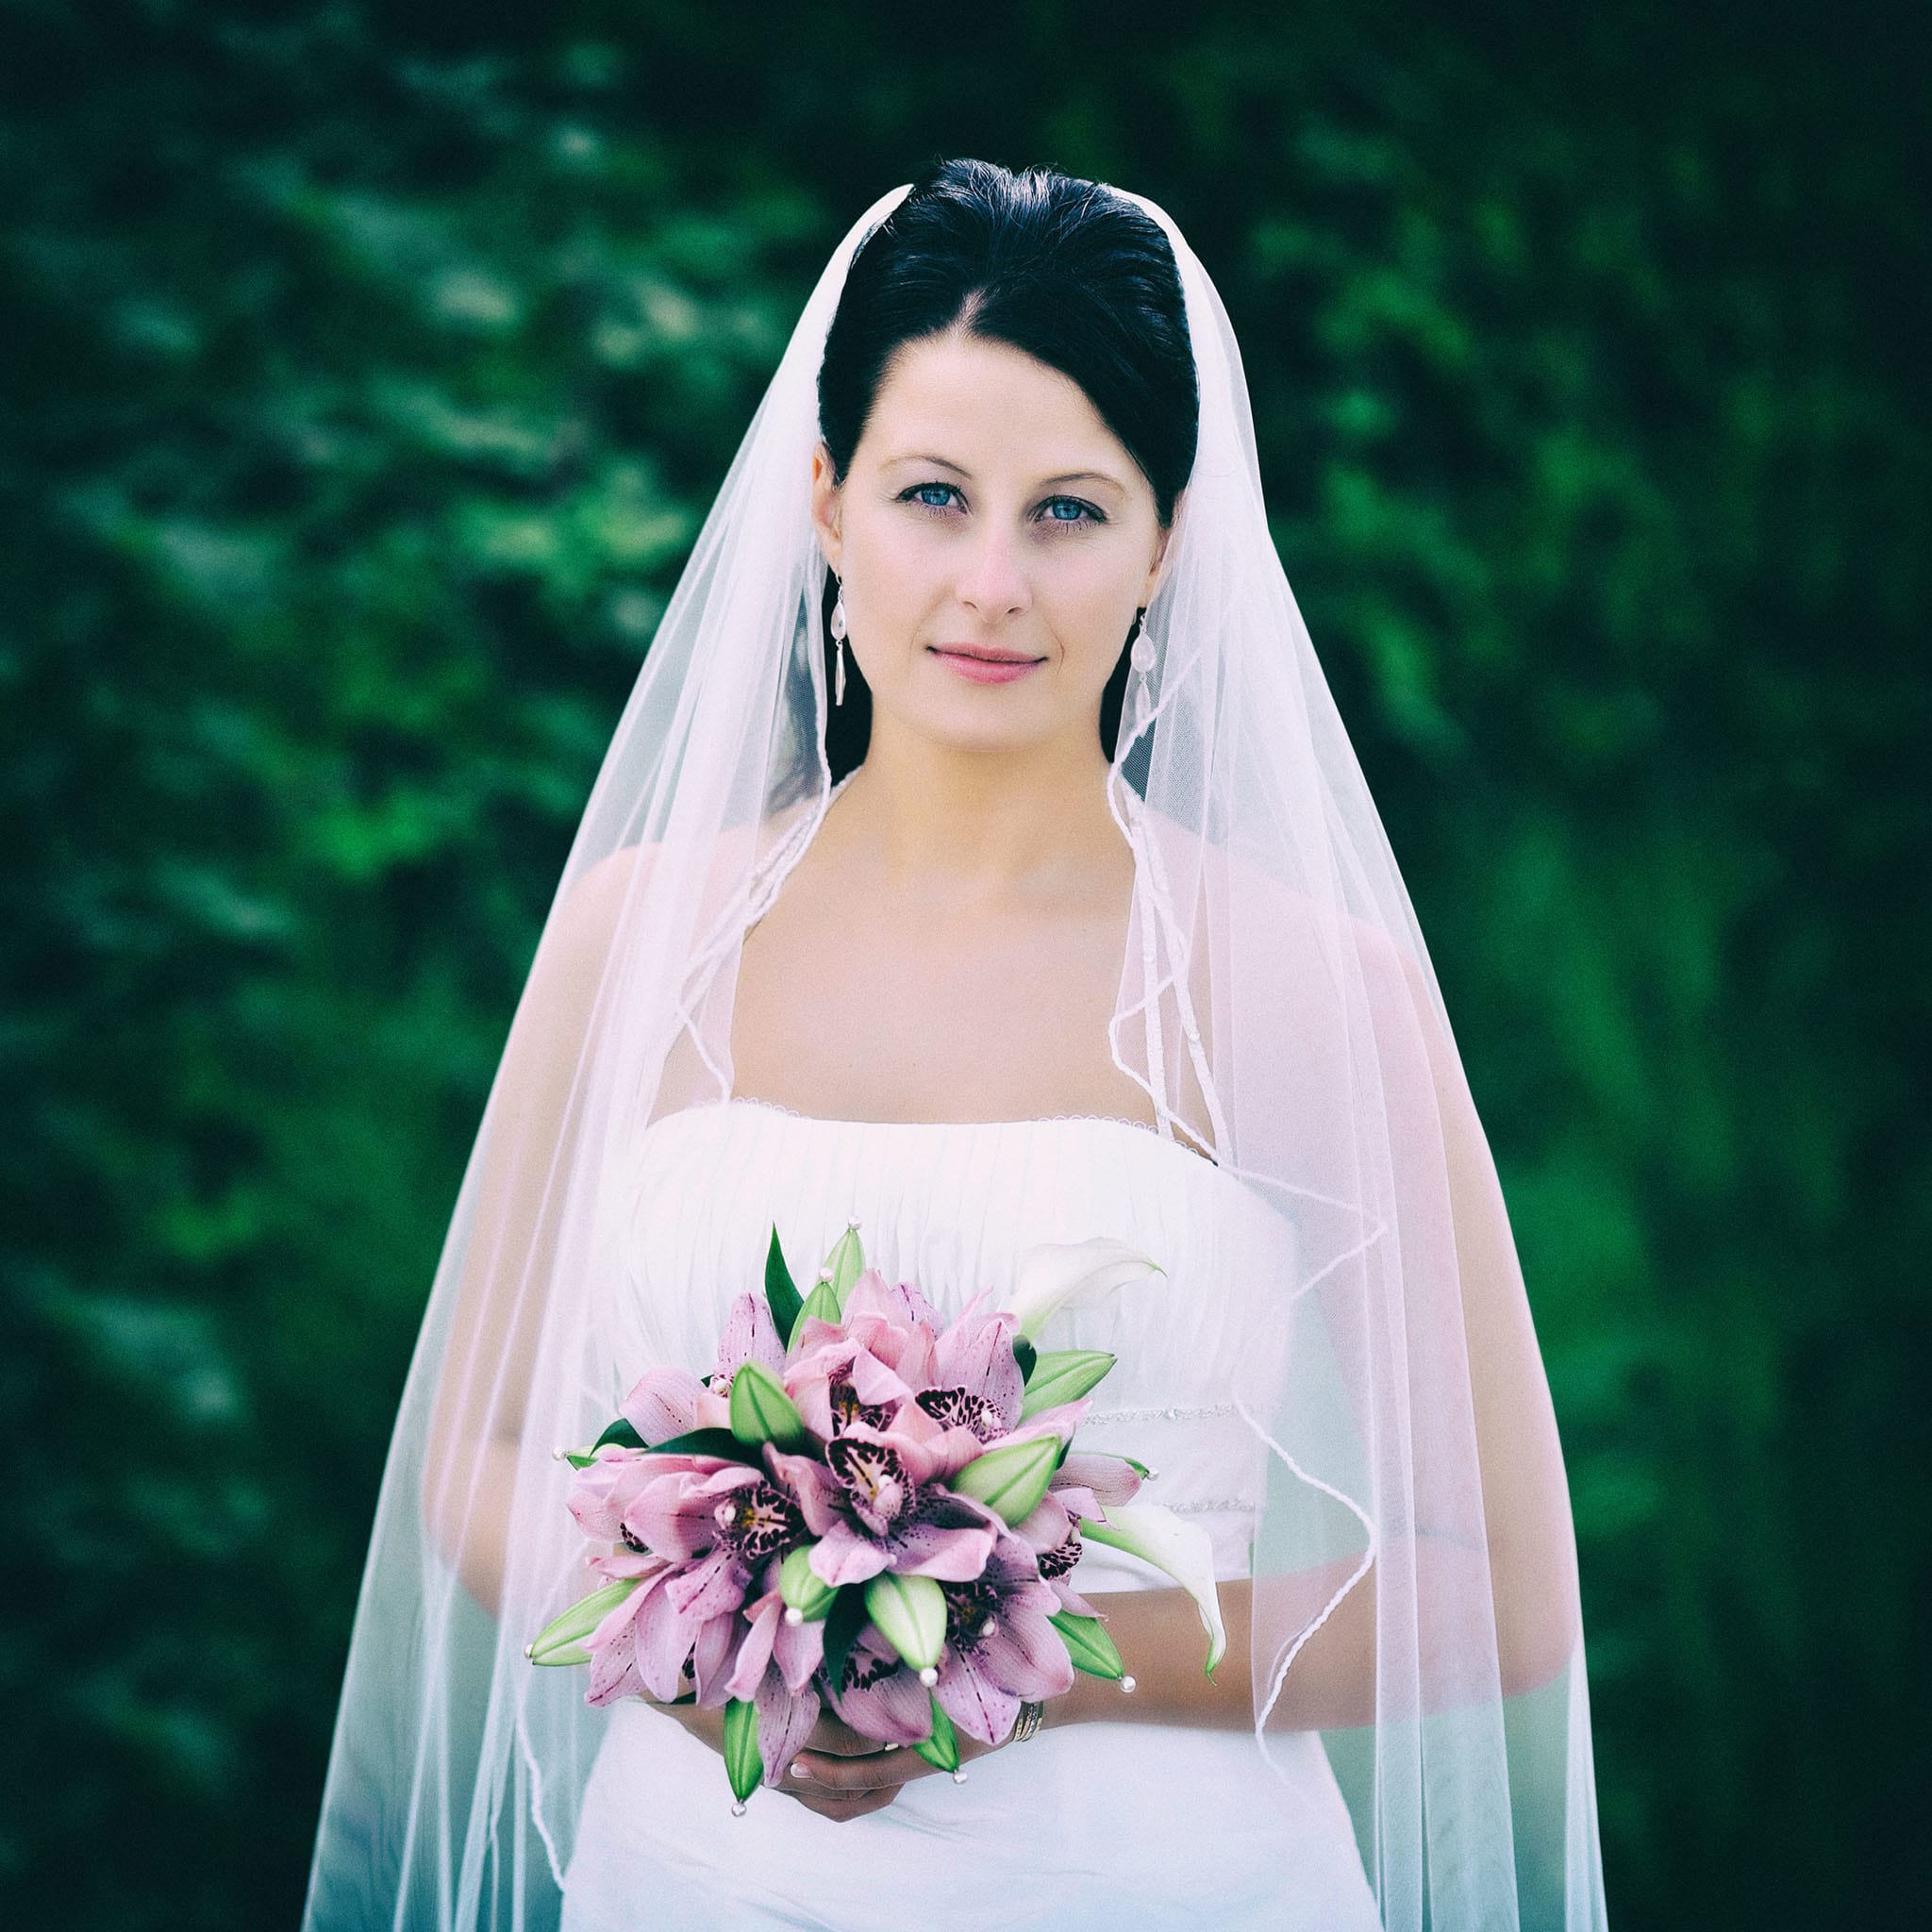 Hochzeit 031 Braut Hochzeit heiraten Brautstrauß Hochzeitsfoto Hochzeitsfotografie Daniel Fuss Fotografie